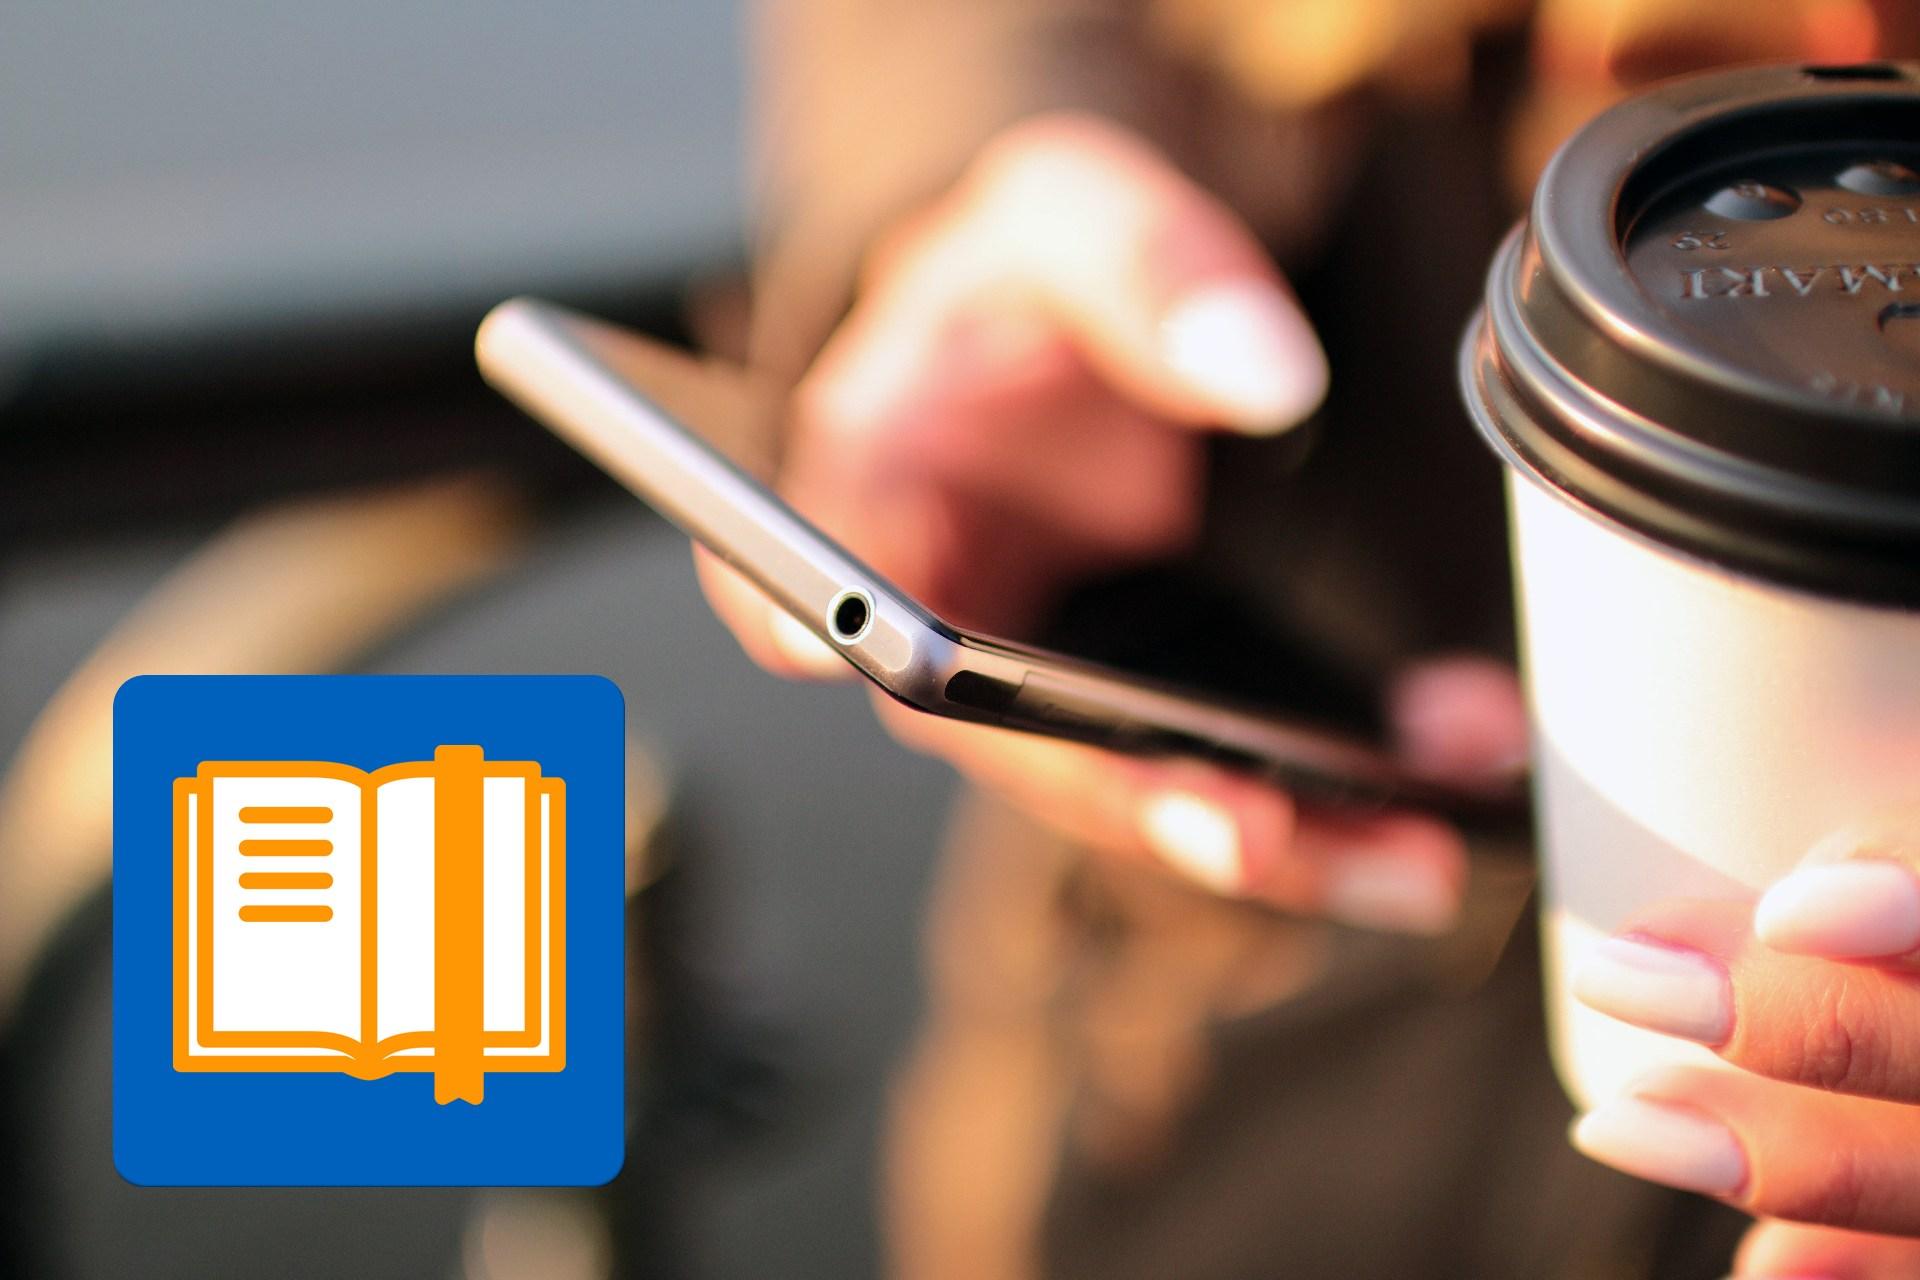 ReadEra (najlepsza aplikacja do czytania ebooków na Androida?) - www.naczytniku.pl